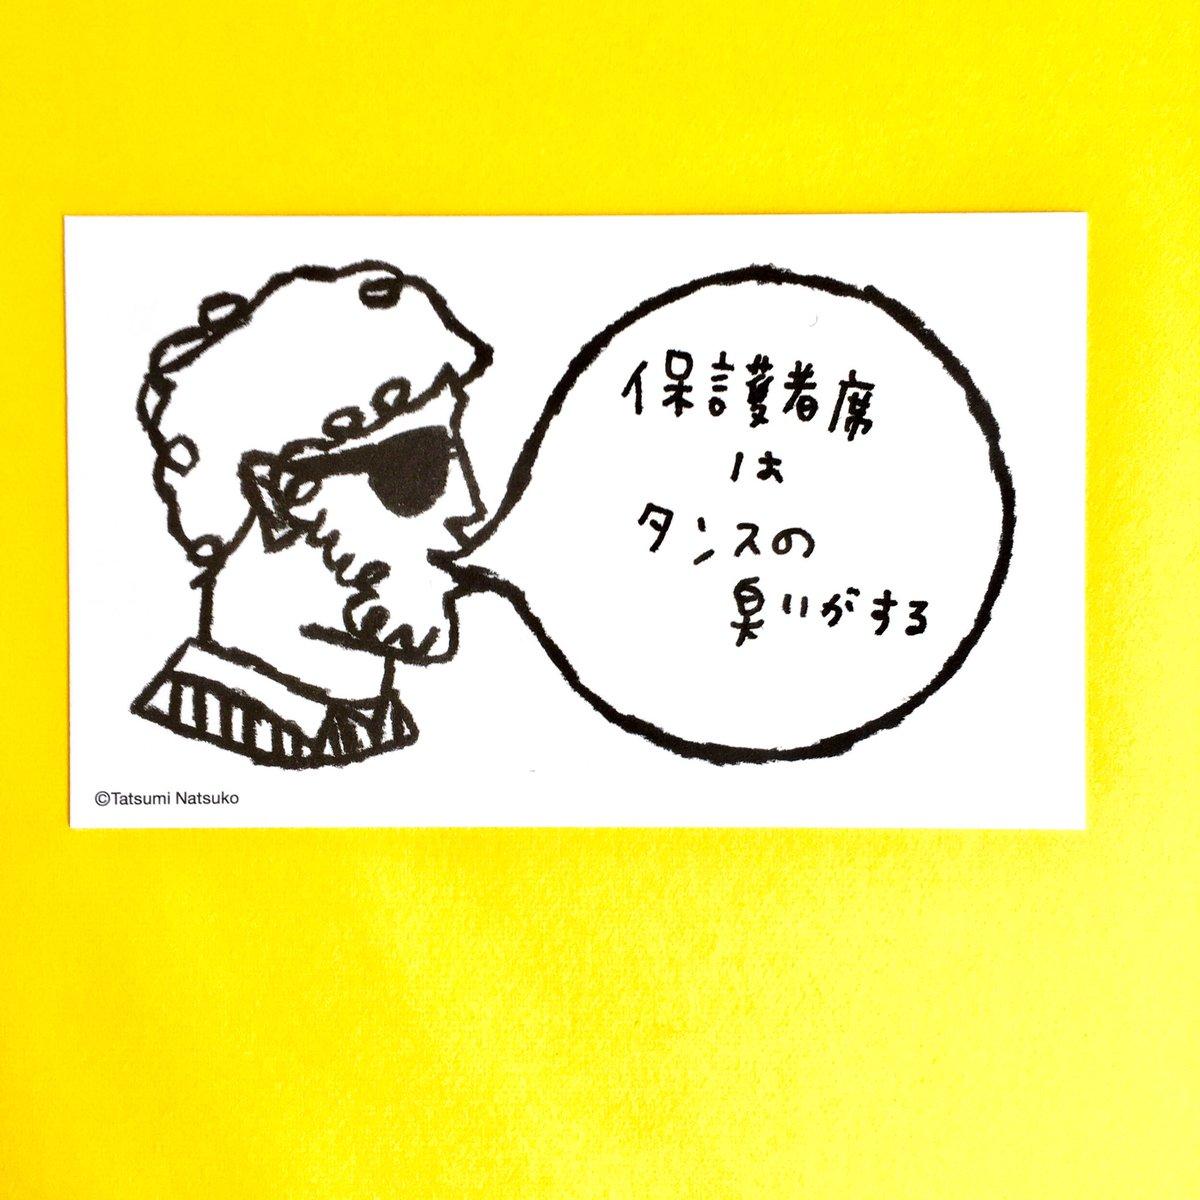 文具店アイデアスイッチ در توییتر 楽しいメッセージカードに 卒業ある